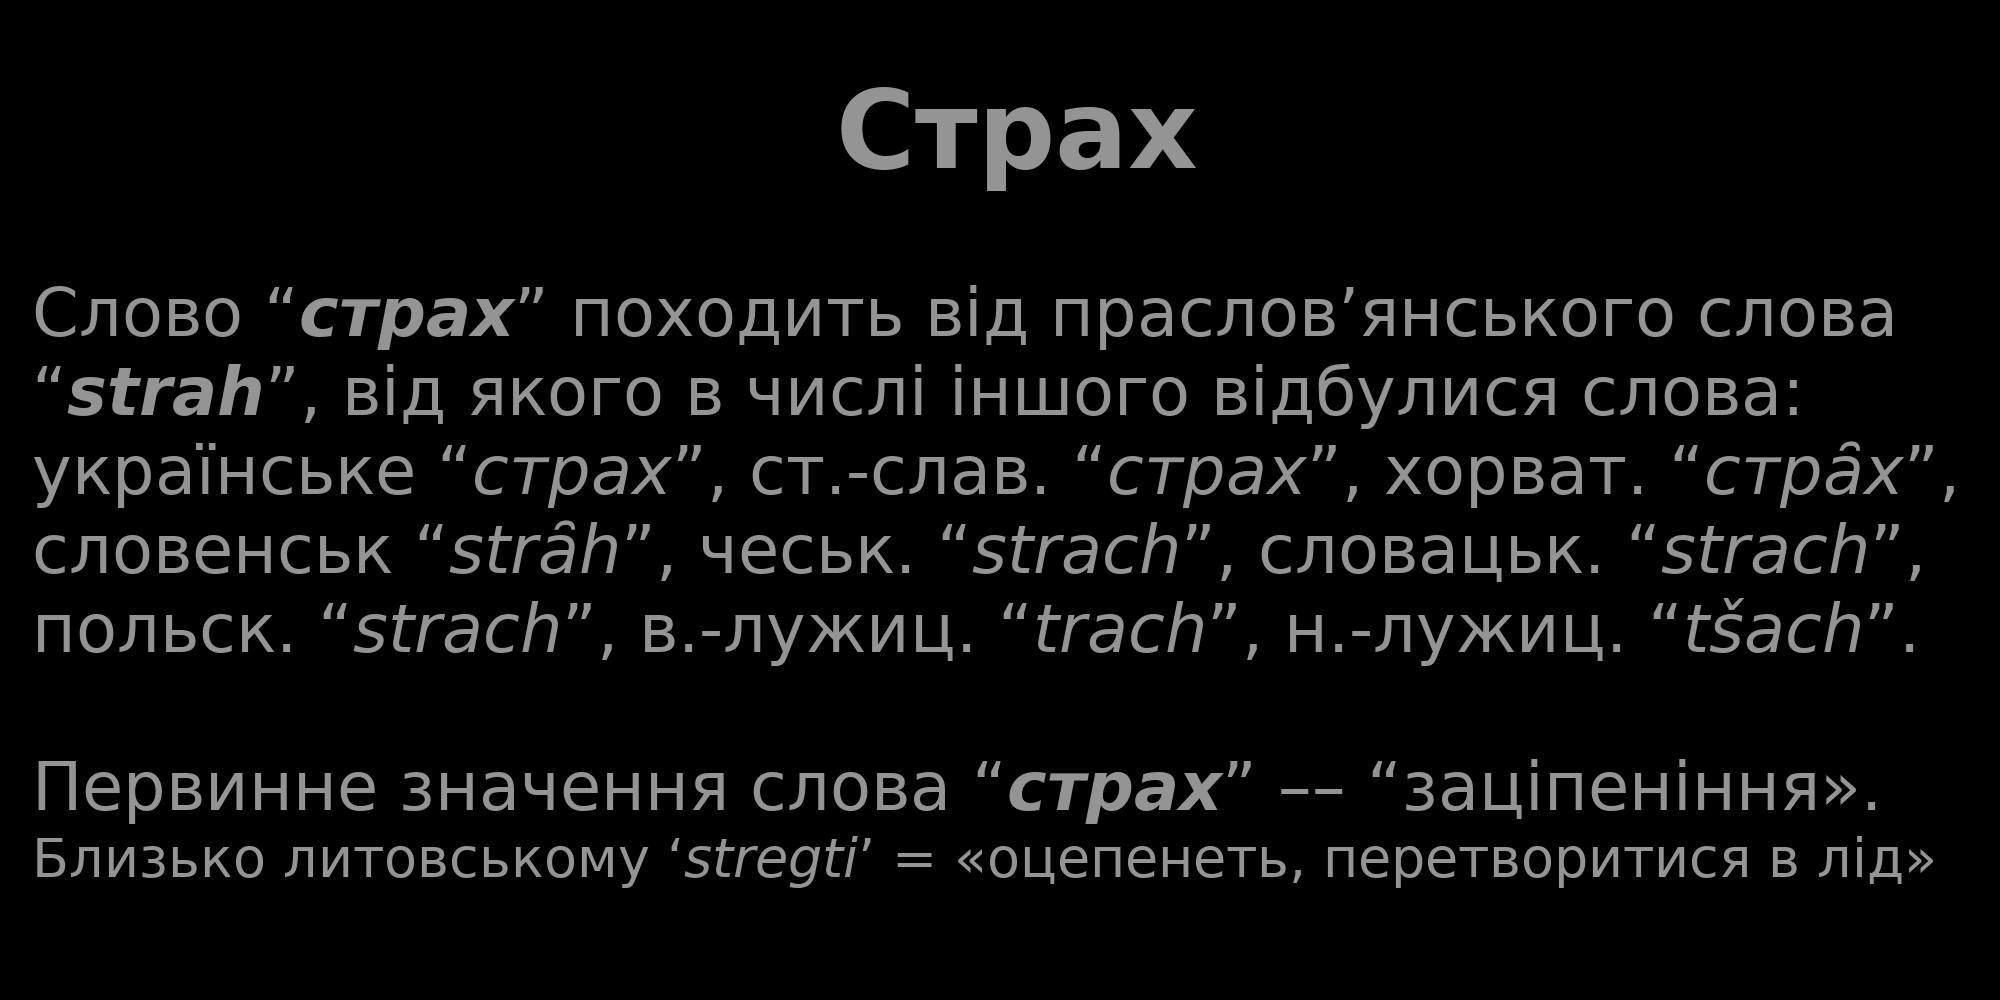 *** Страх - его природа, функція та місце у життя людини, взаємодія зі Страхом та його подолання. ***